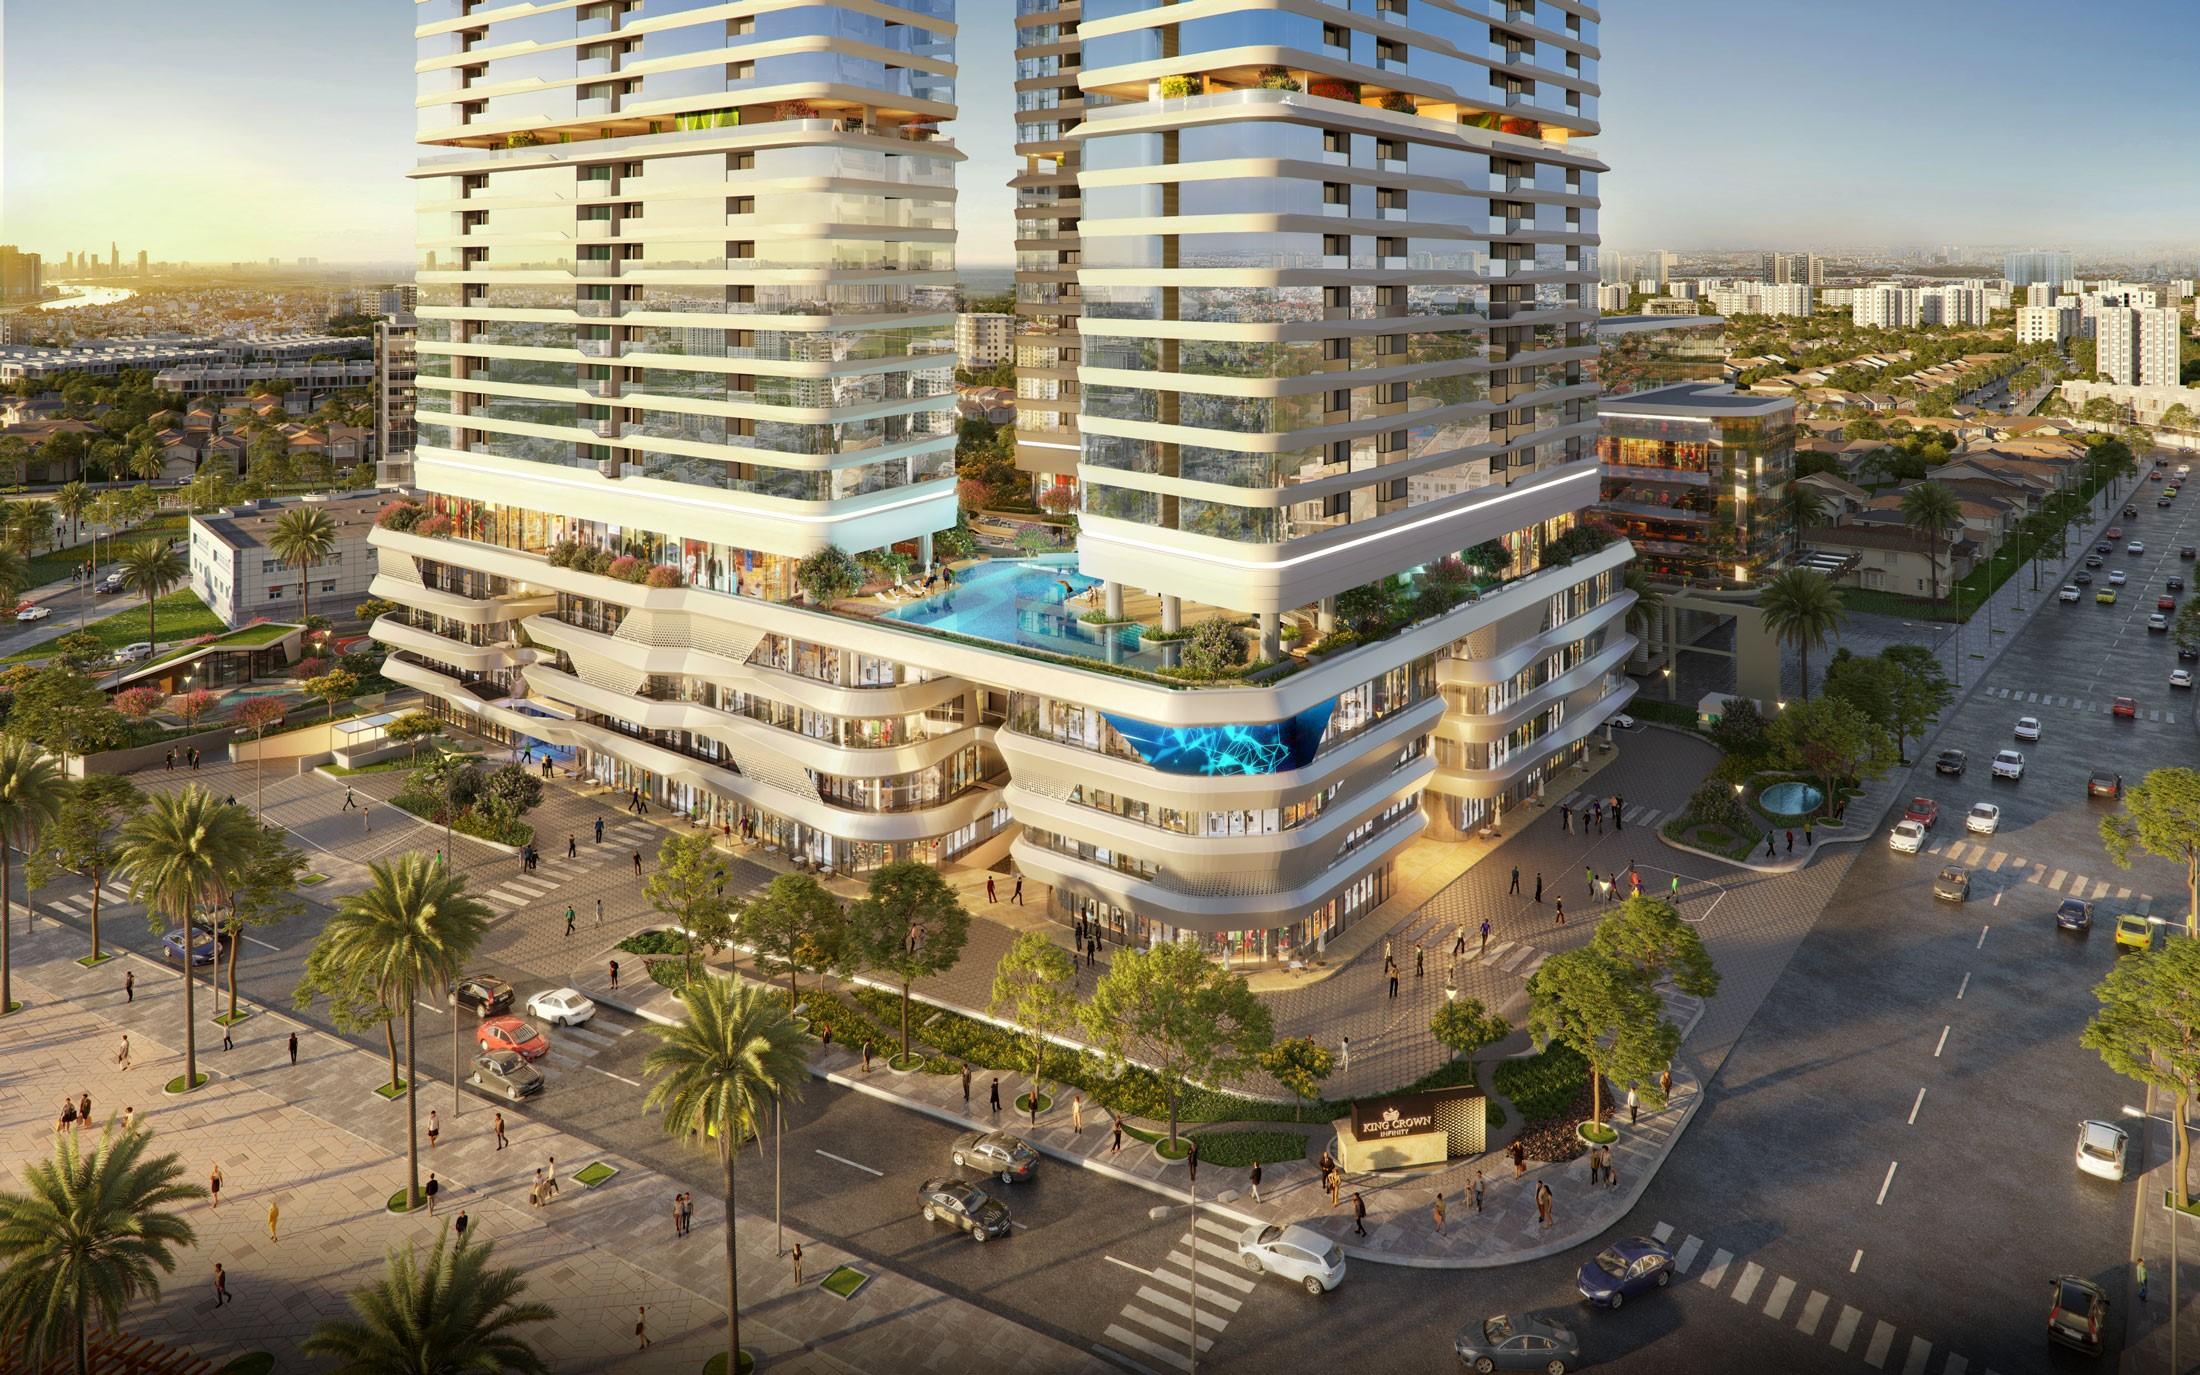 King Crown Infinity hứa hẹn là điểm đến thu hút cư dân và cả cộng đồng trong khu vực. Ảnh phối cảnh: BCG Land.